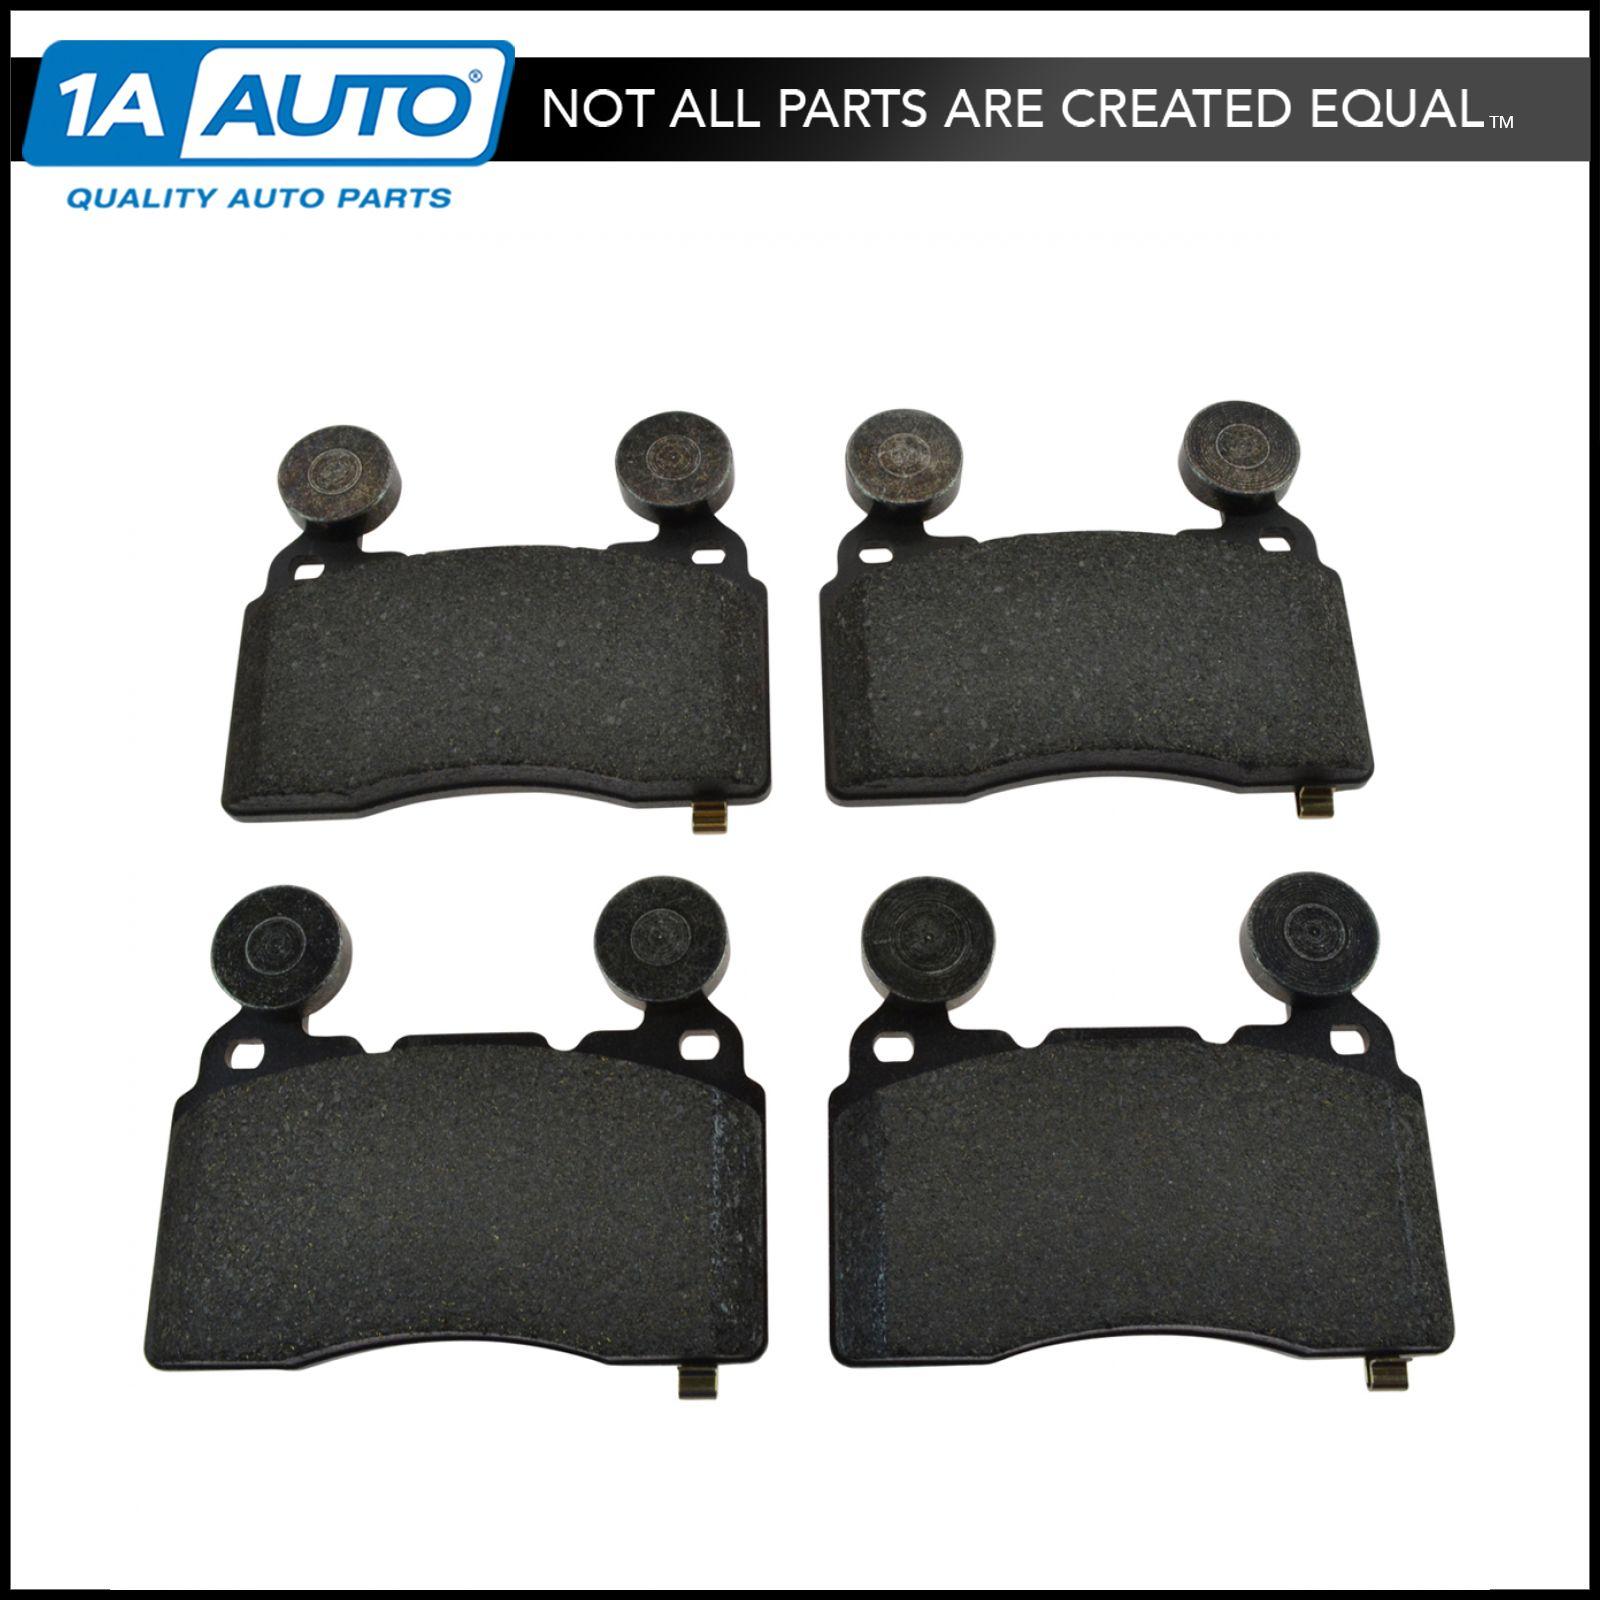 Front Metallic Brake Pads /& 2 Discs Rotors Set Kit for Camaro SS Regal Turbo